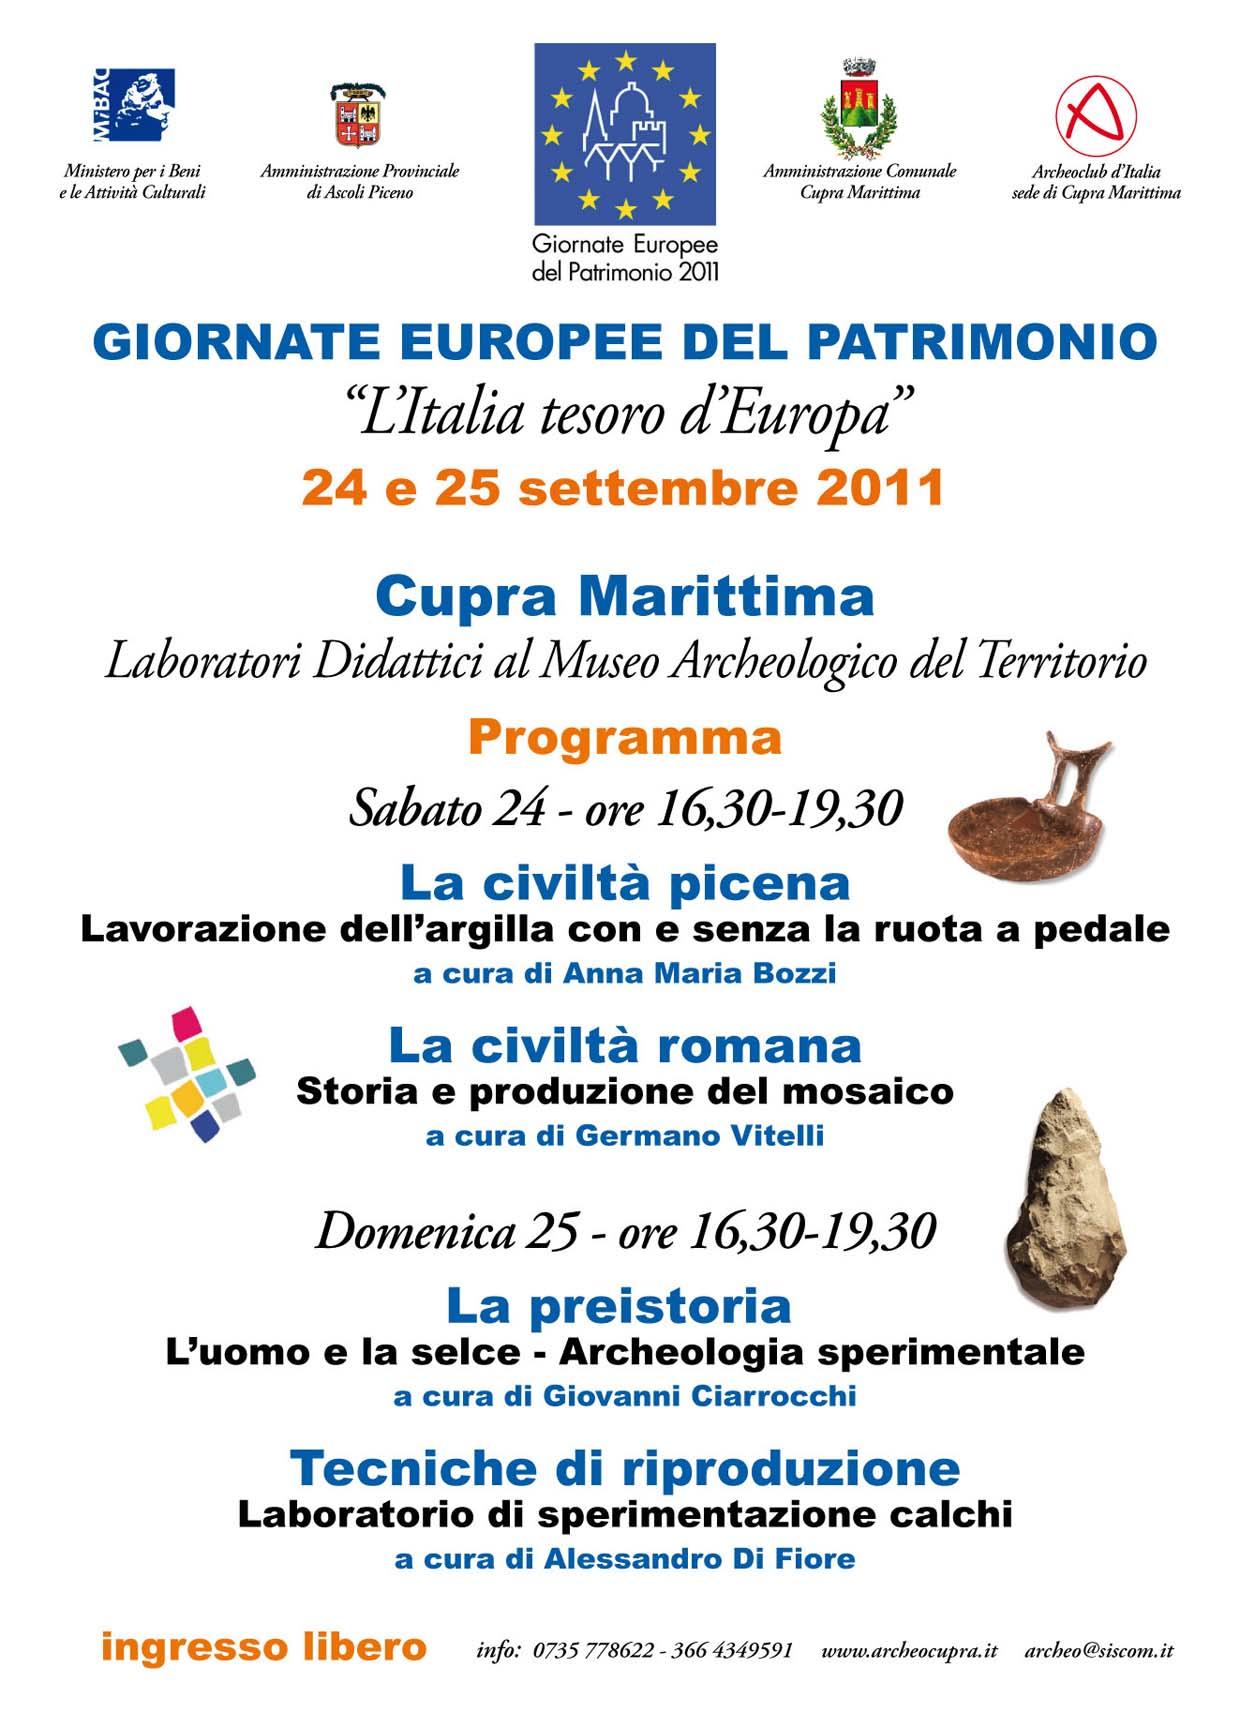 Museo aperto il fine settimana in occasione delle Giornate Europee del Patrimonio